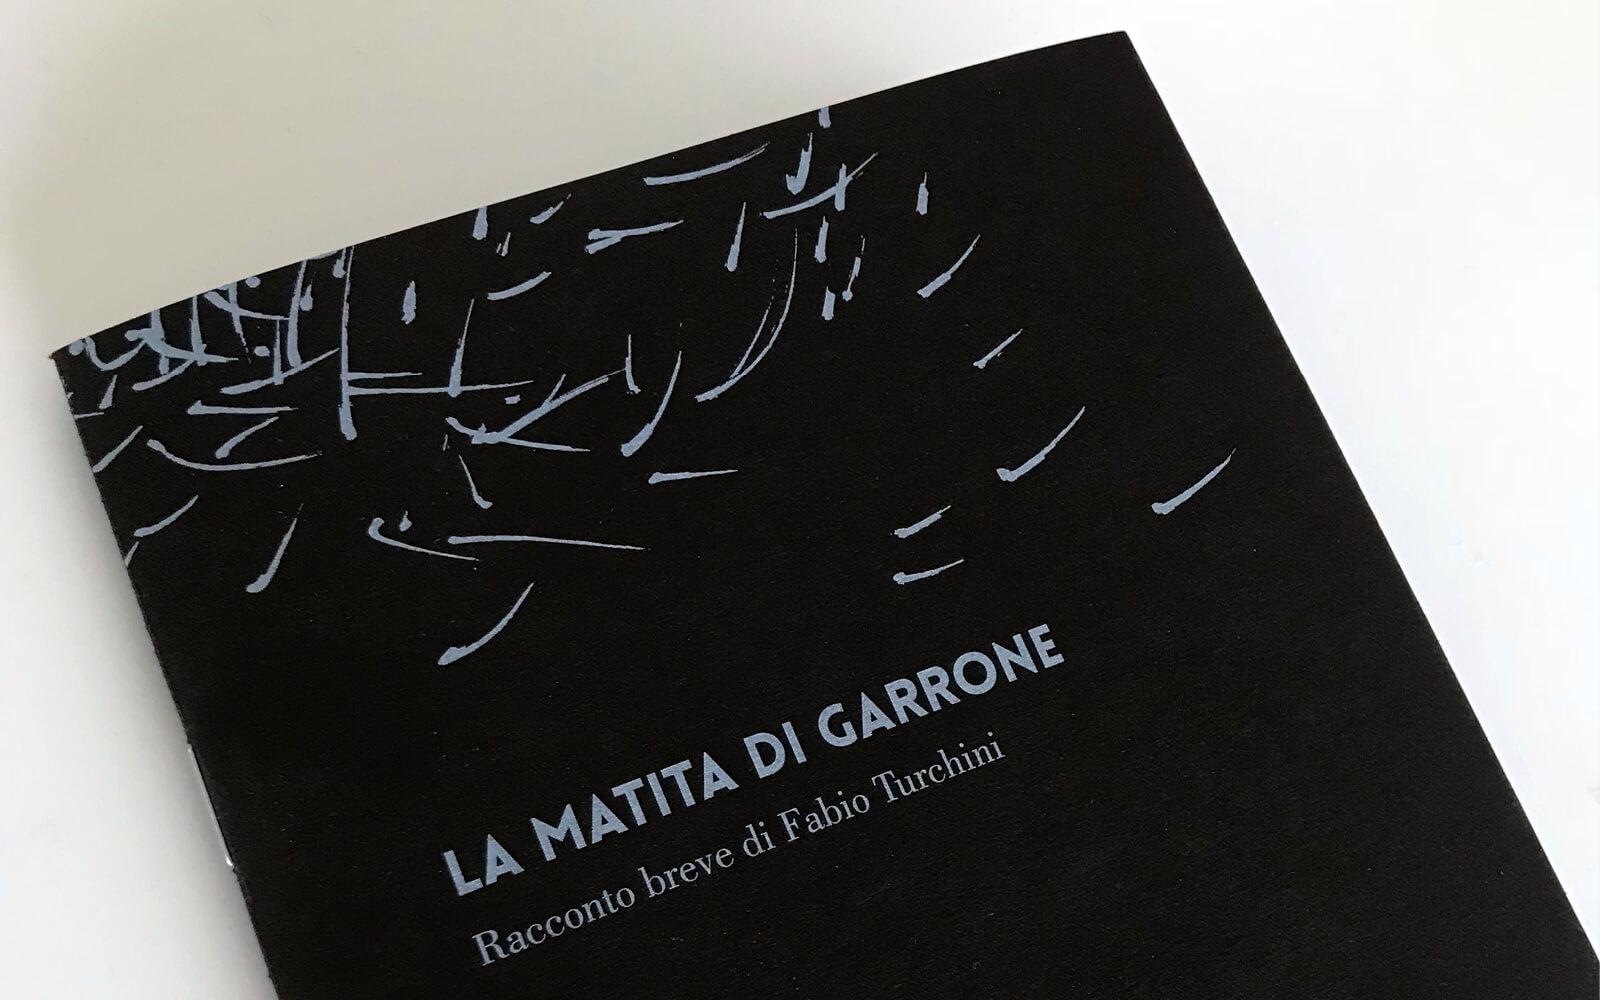 La Matita di garrone, dettaglio di copertina della brochure illustrata dallo studio grafico Diade di Arco Tn